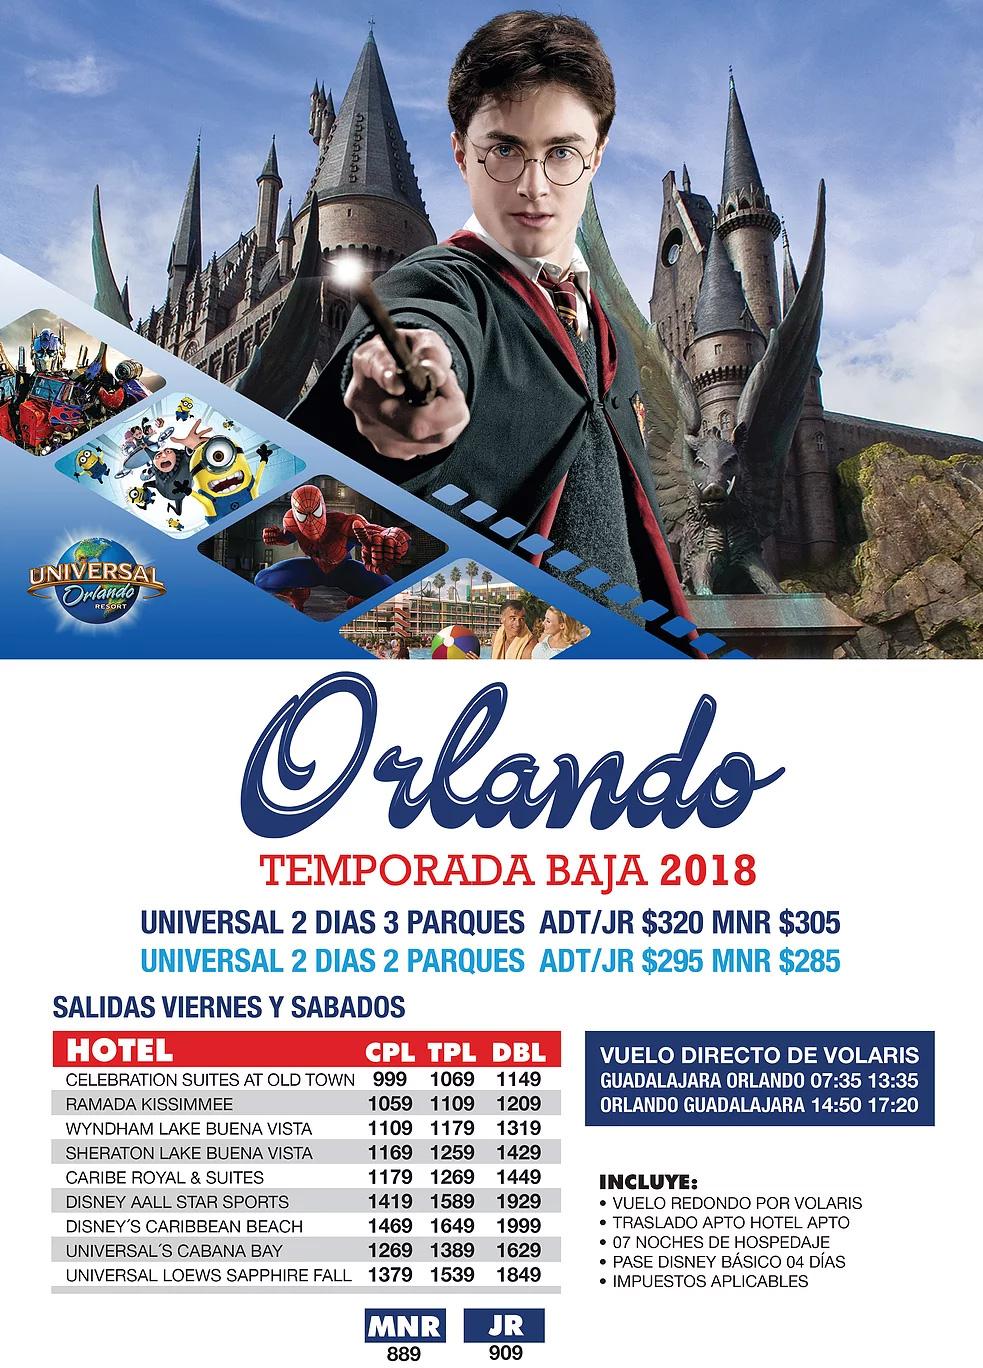 Paquetes a Orlando Todo Incluido desde Guadalajara